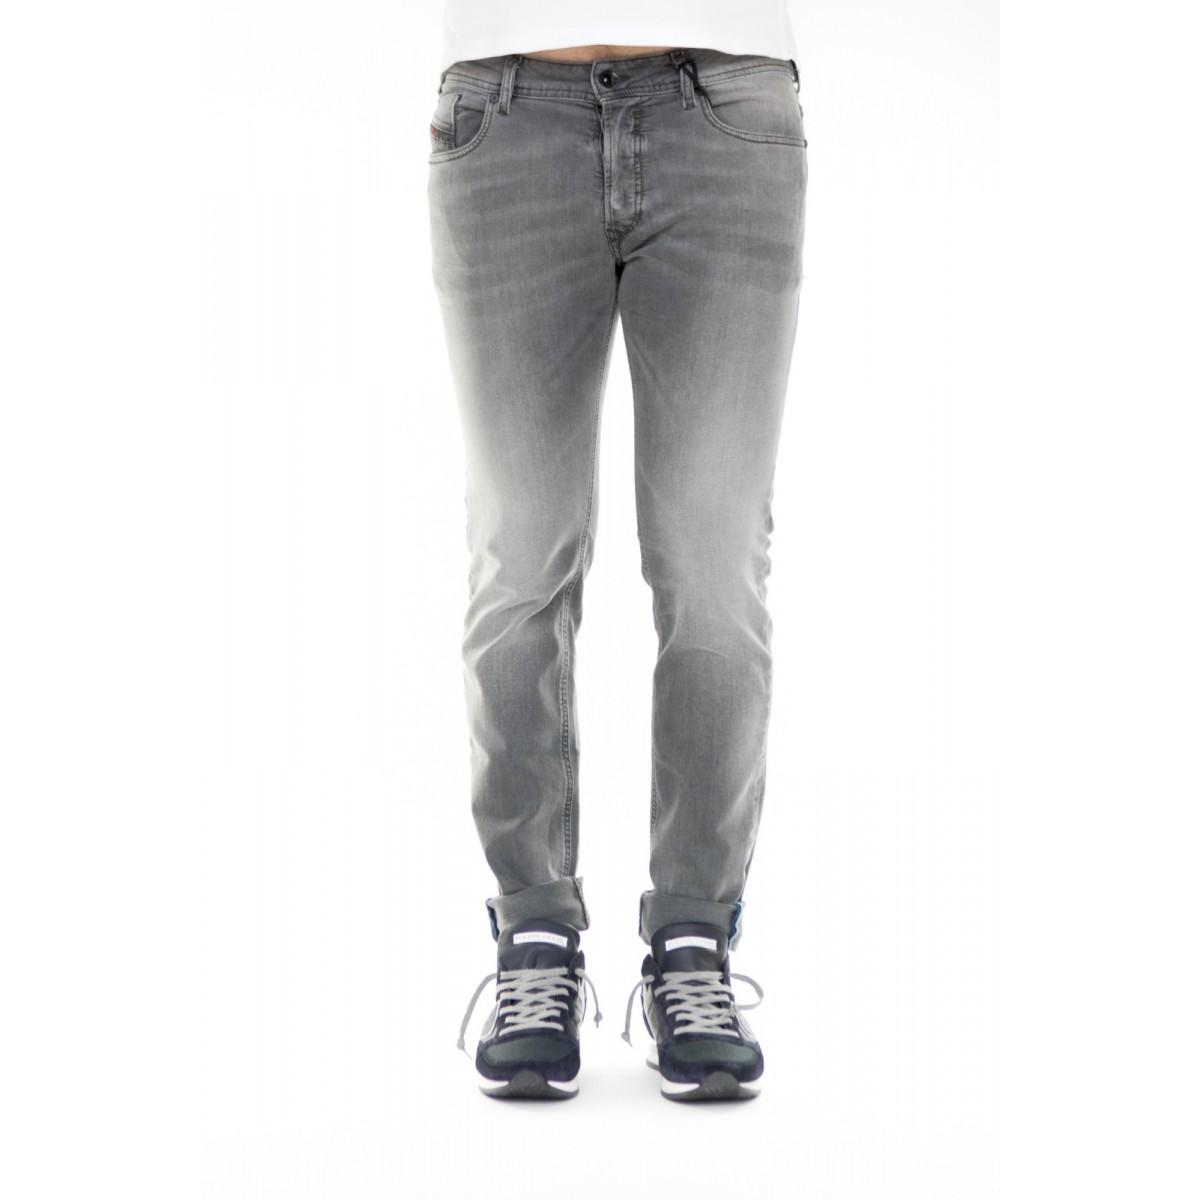 Jeans Diesel - Sleenker skynny